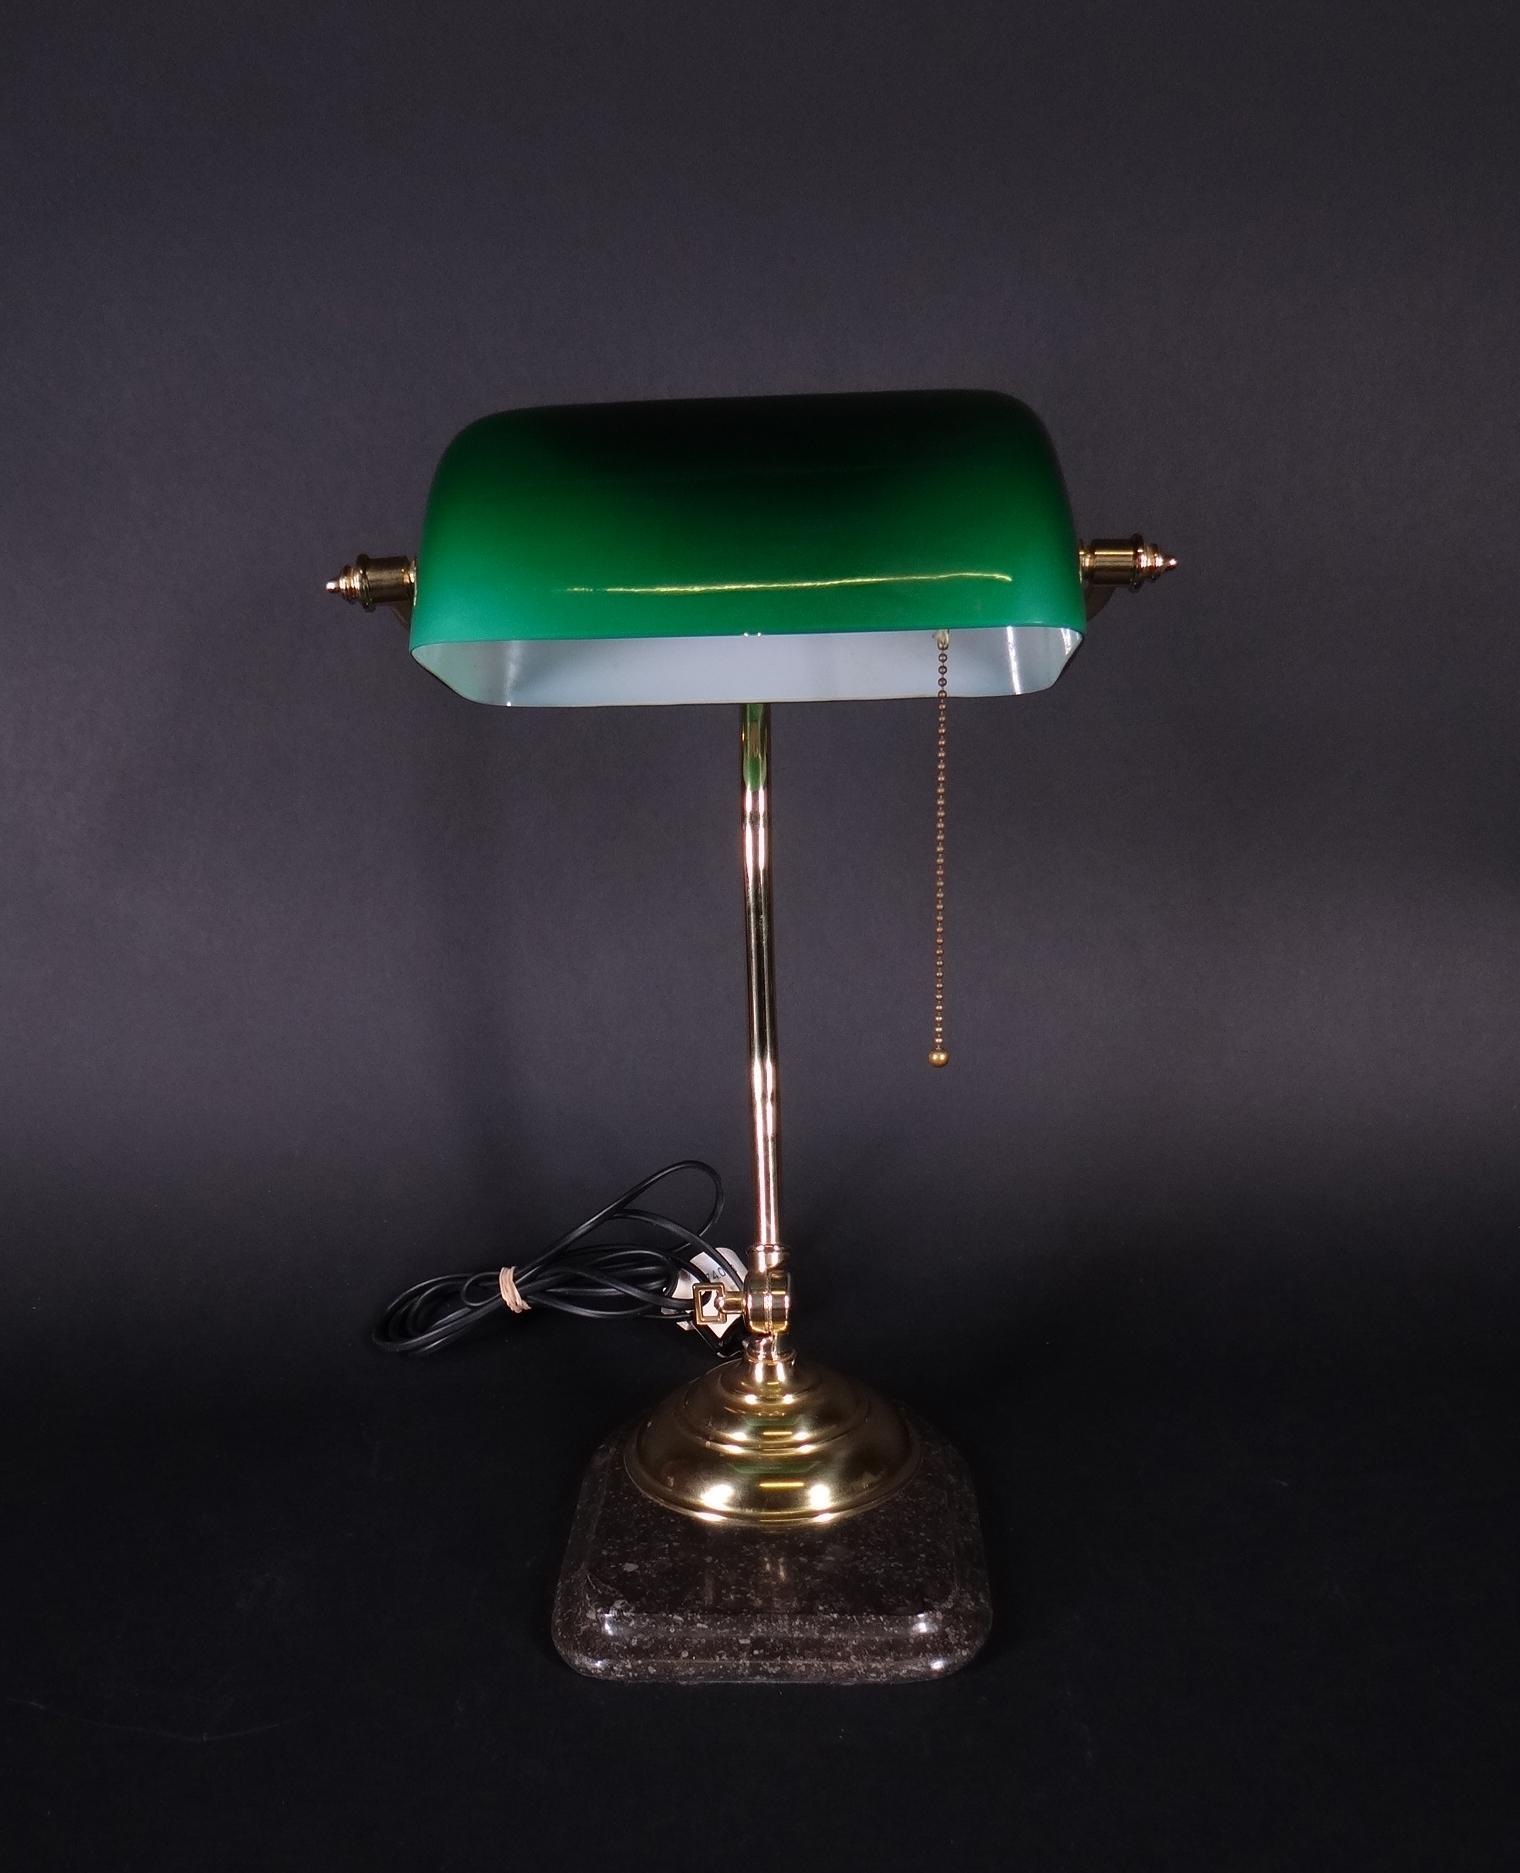 luminaire lampe de bureau m tal dor opaline verte socle marbre h 44cm. Black Bedroom Furniture Sets. Home Design Ideas